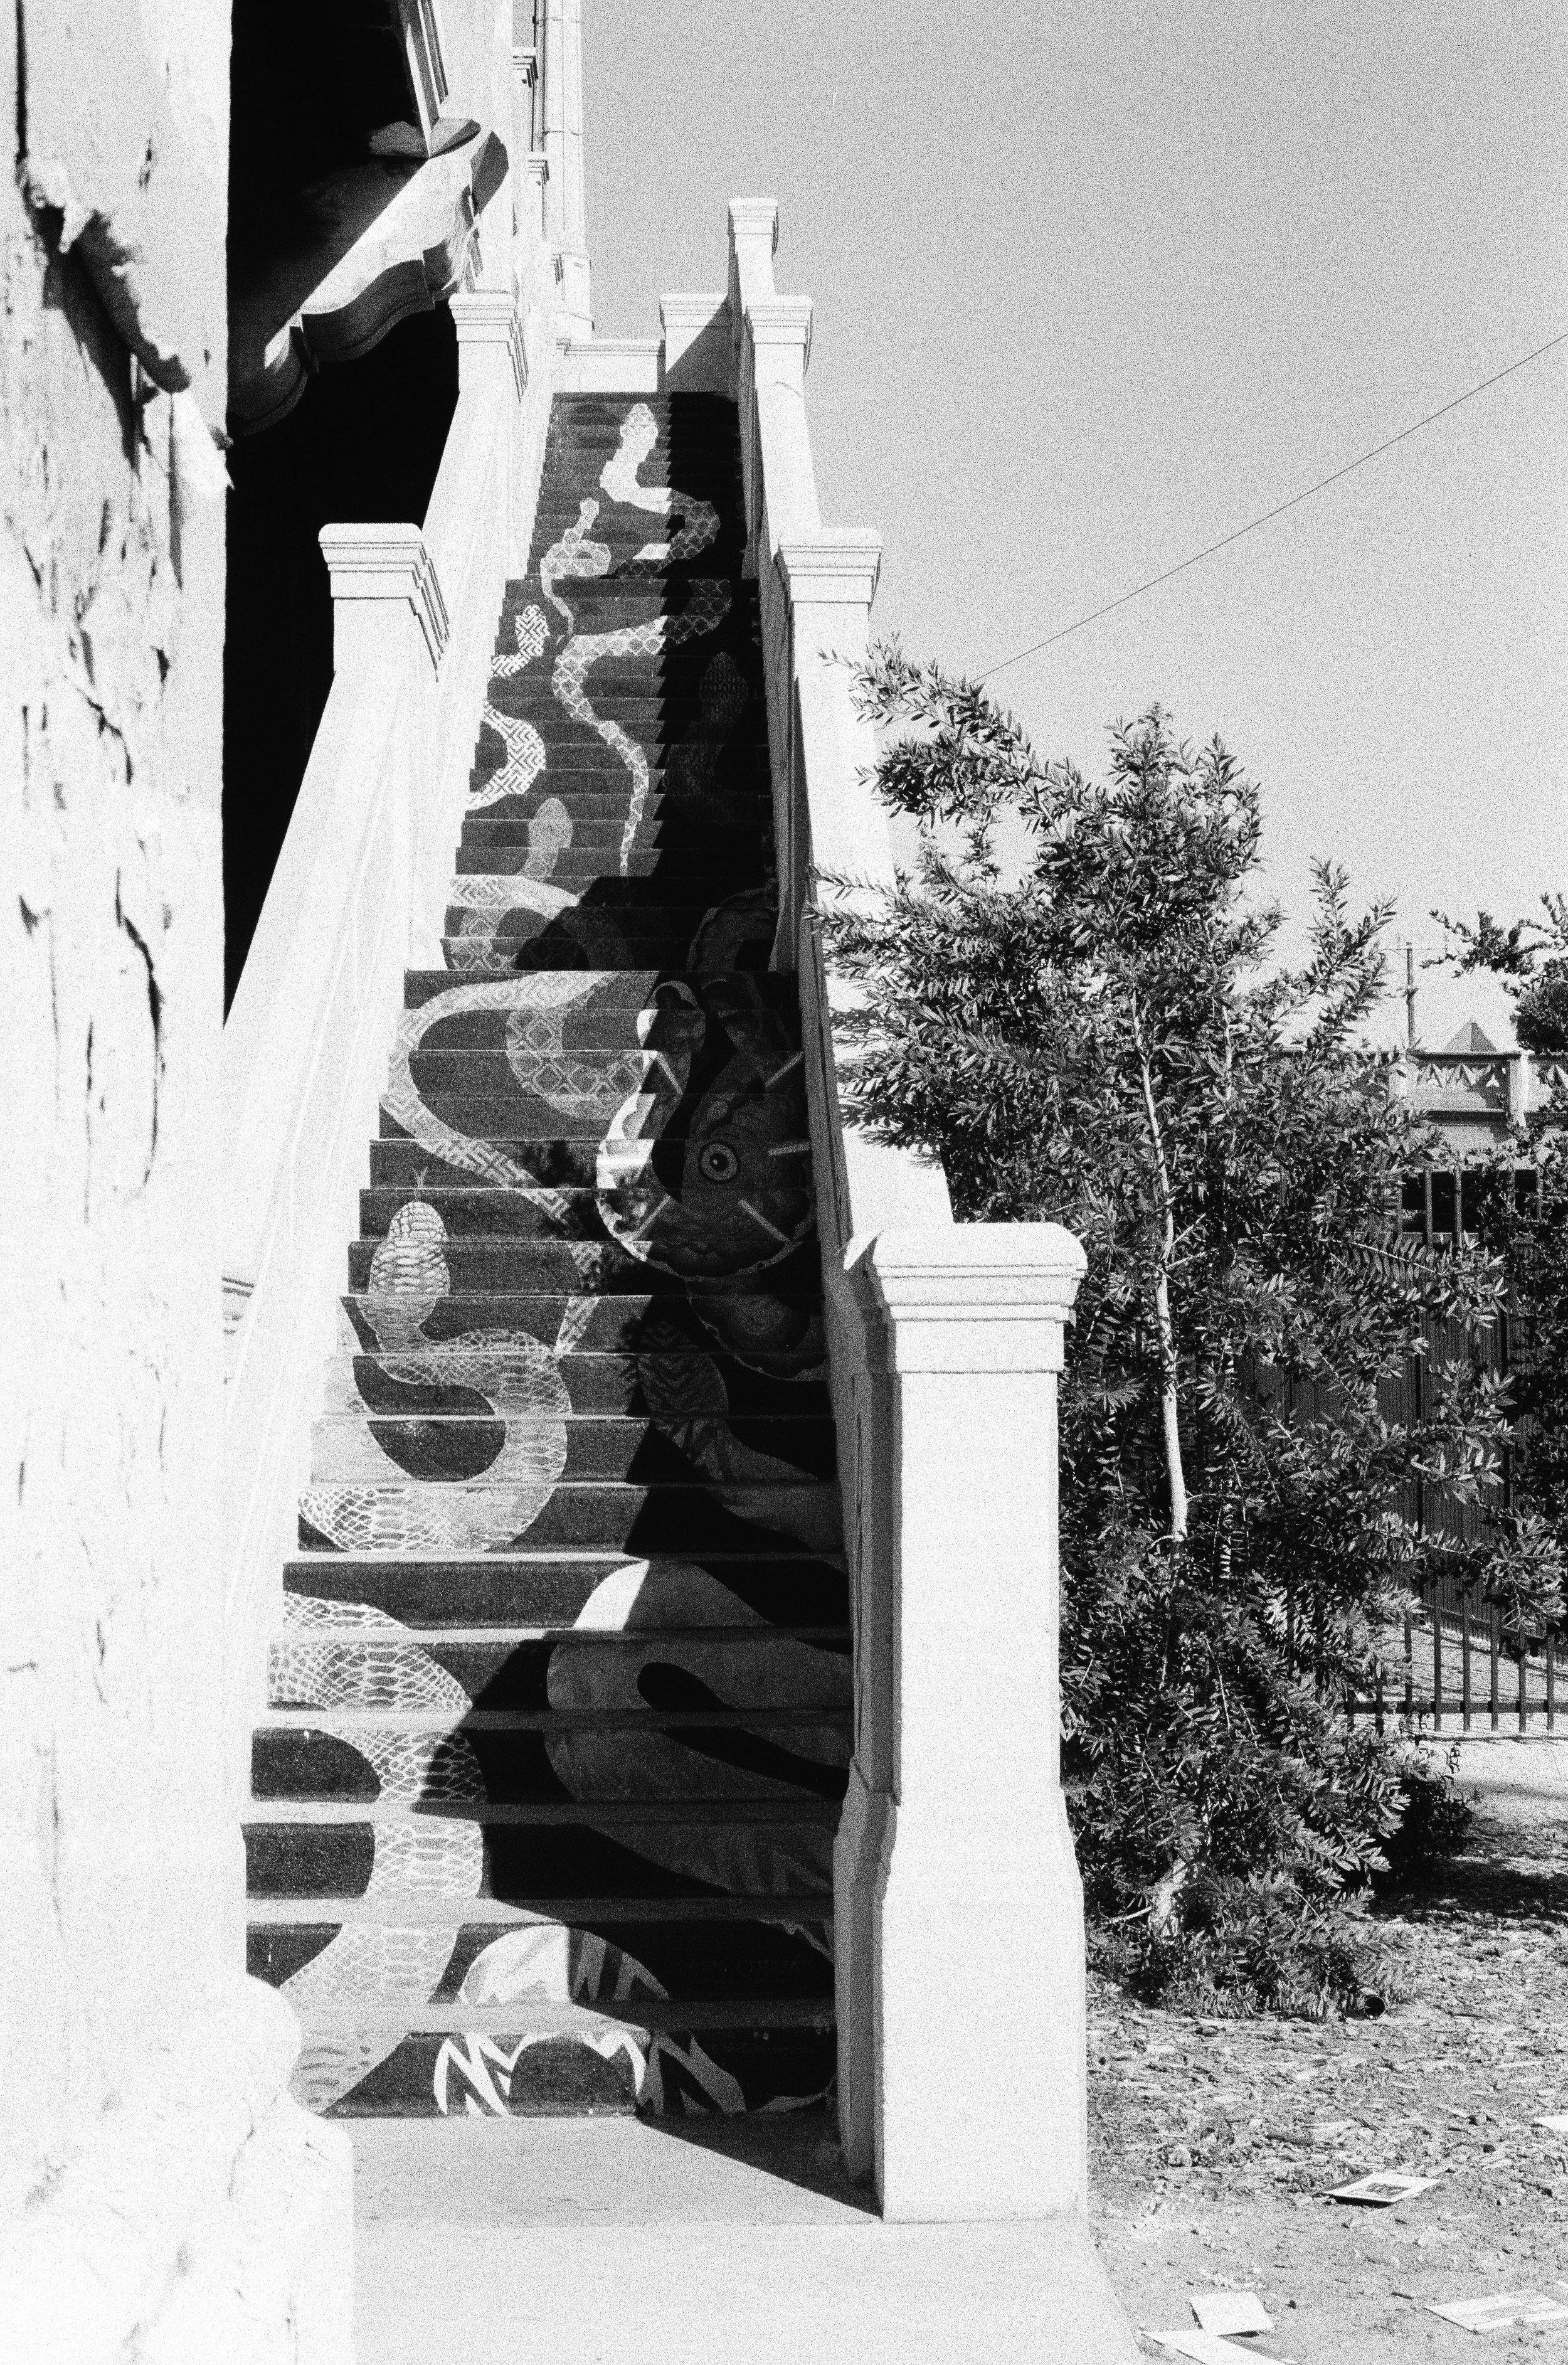 Stairway Paintings